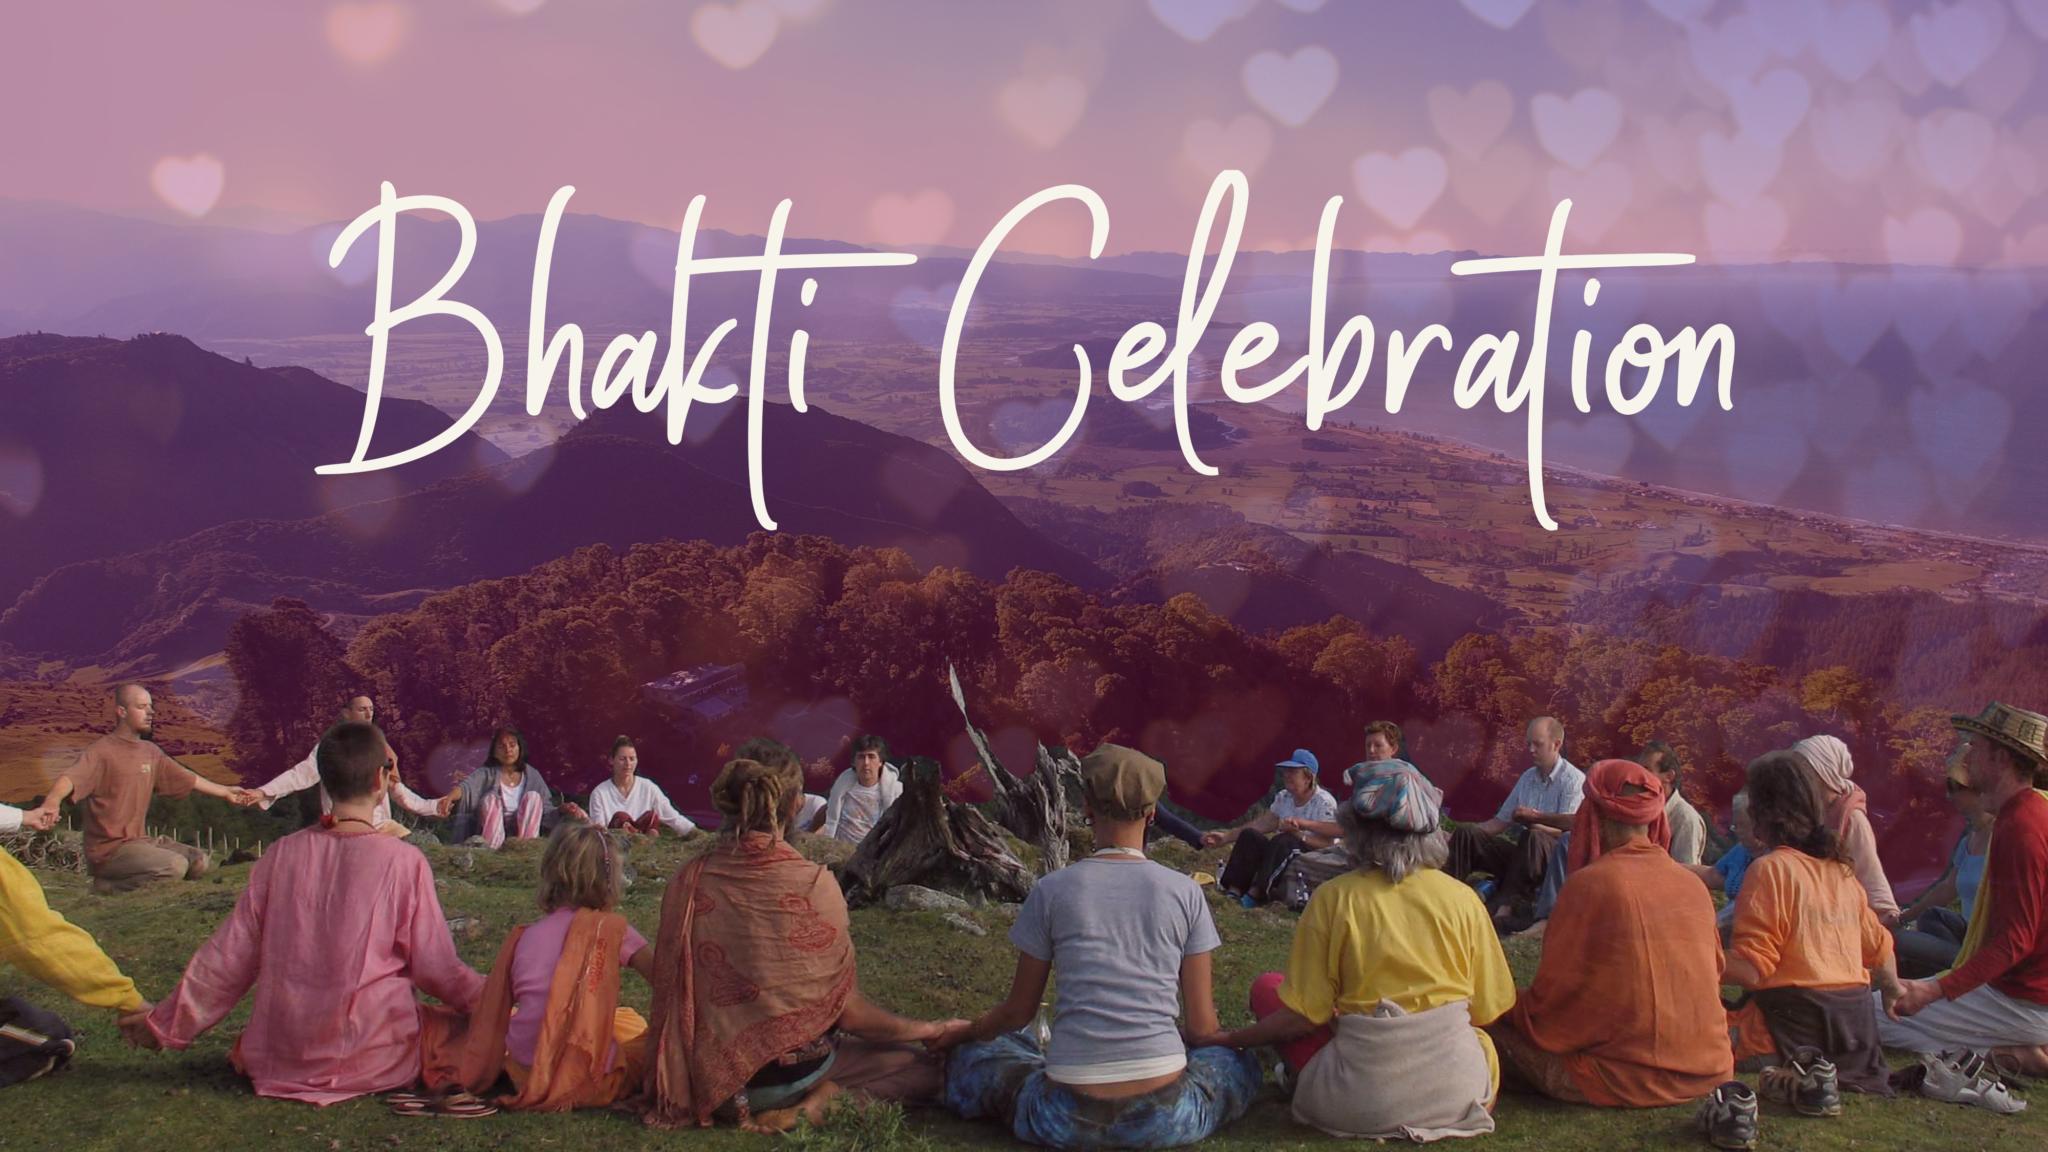 Bhakti-celebration